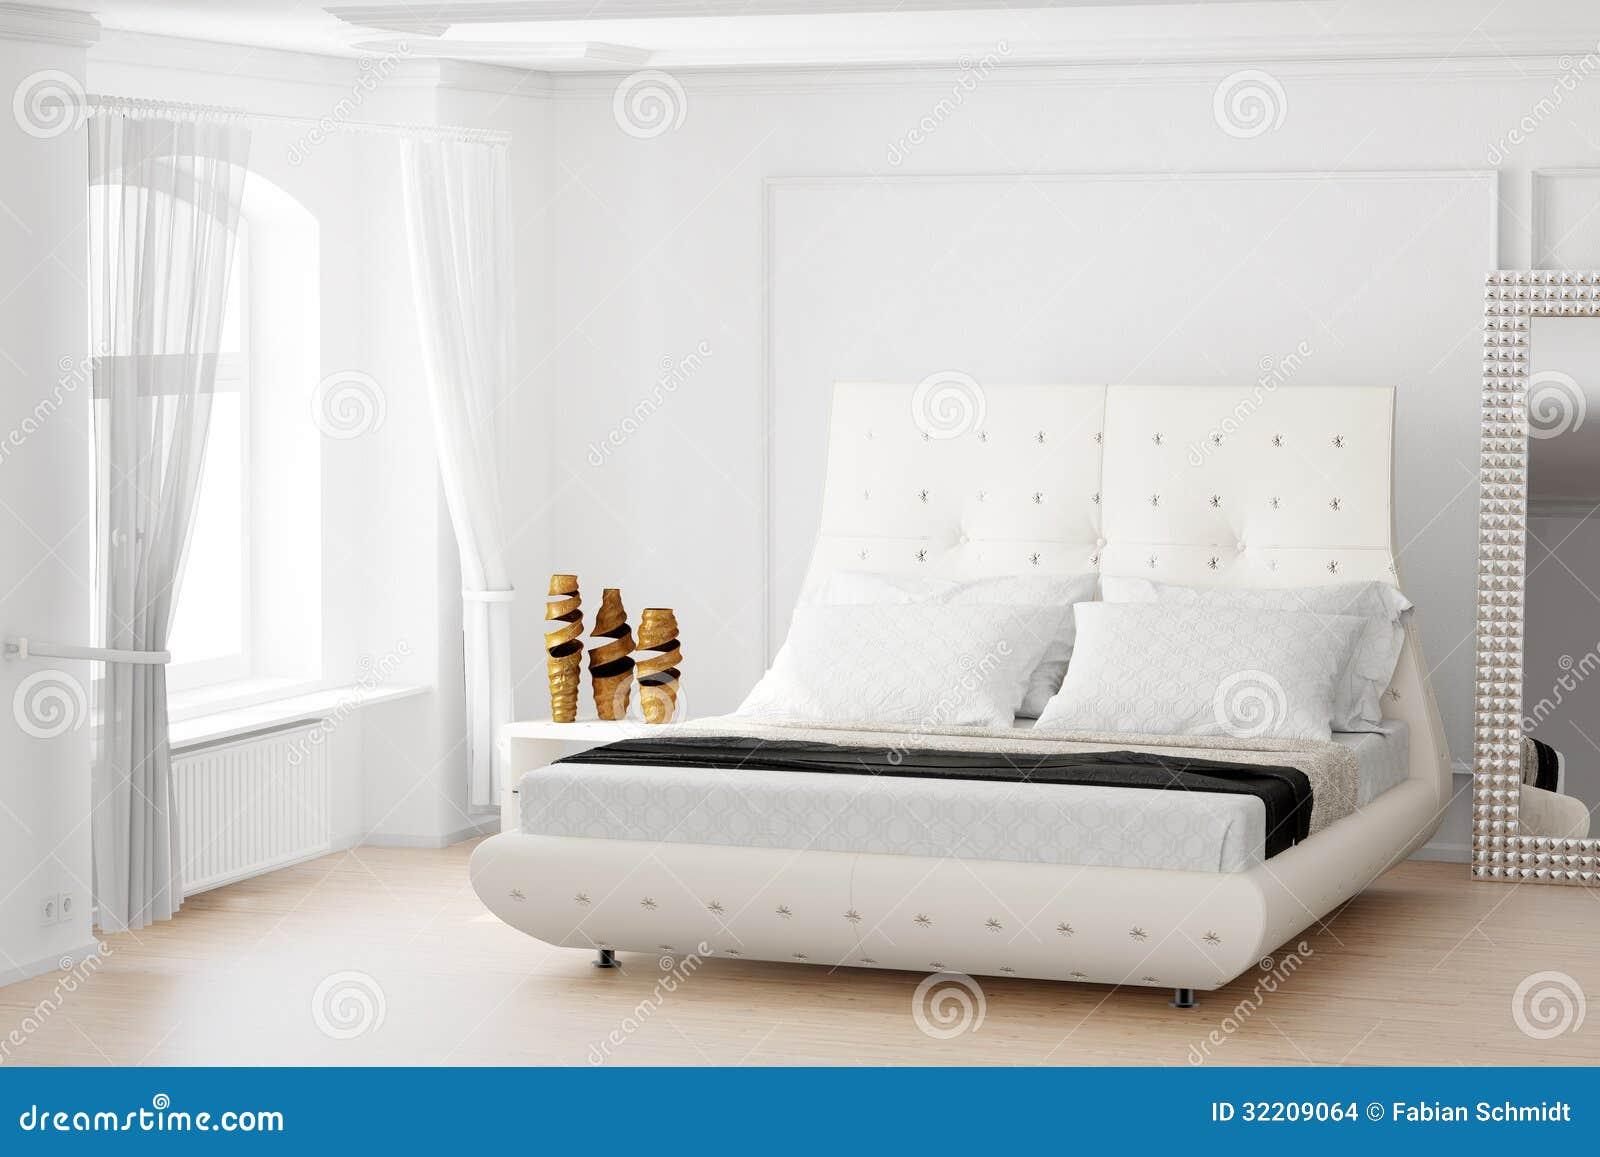 Slaapkamer met spiegel stock afbeeldingen   afbeelding: 32209064